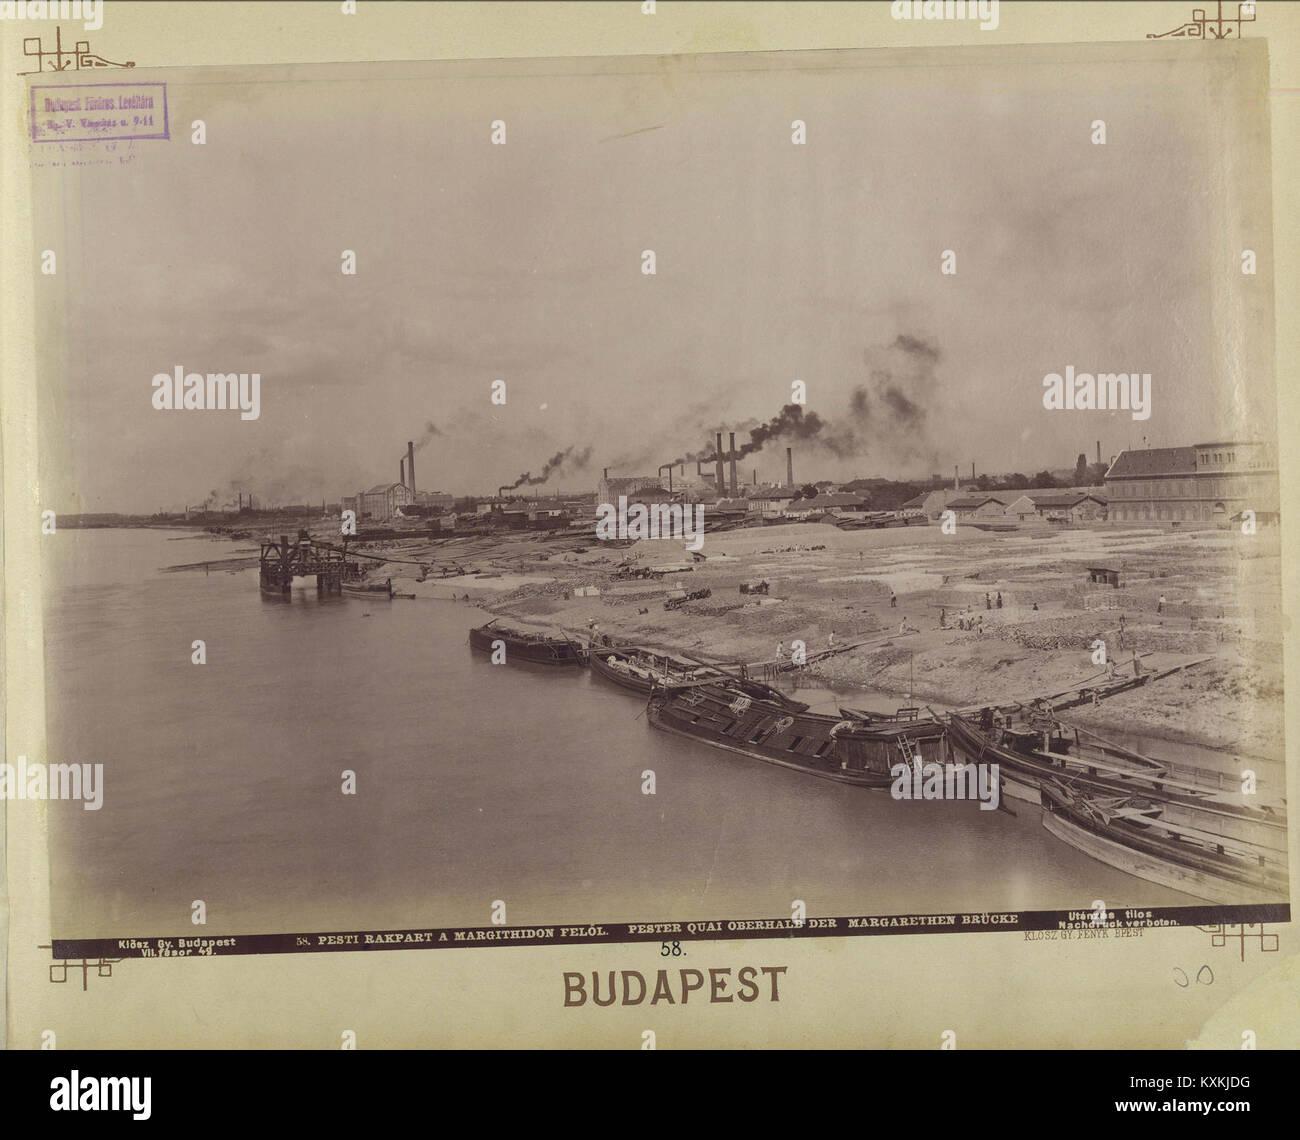 Az Újpesti rakpart a Margit híd felől nézve. - Budapest, Fortepan 82383 - Stock Image